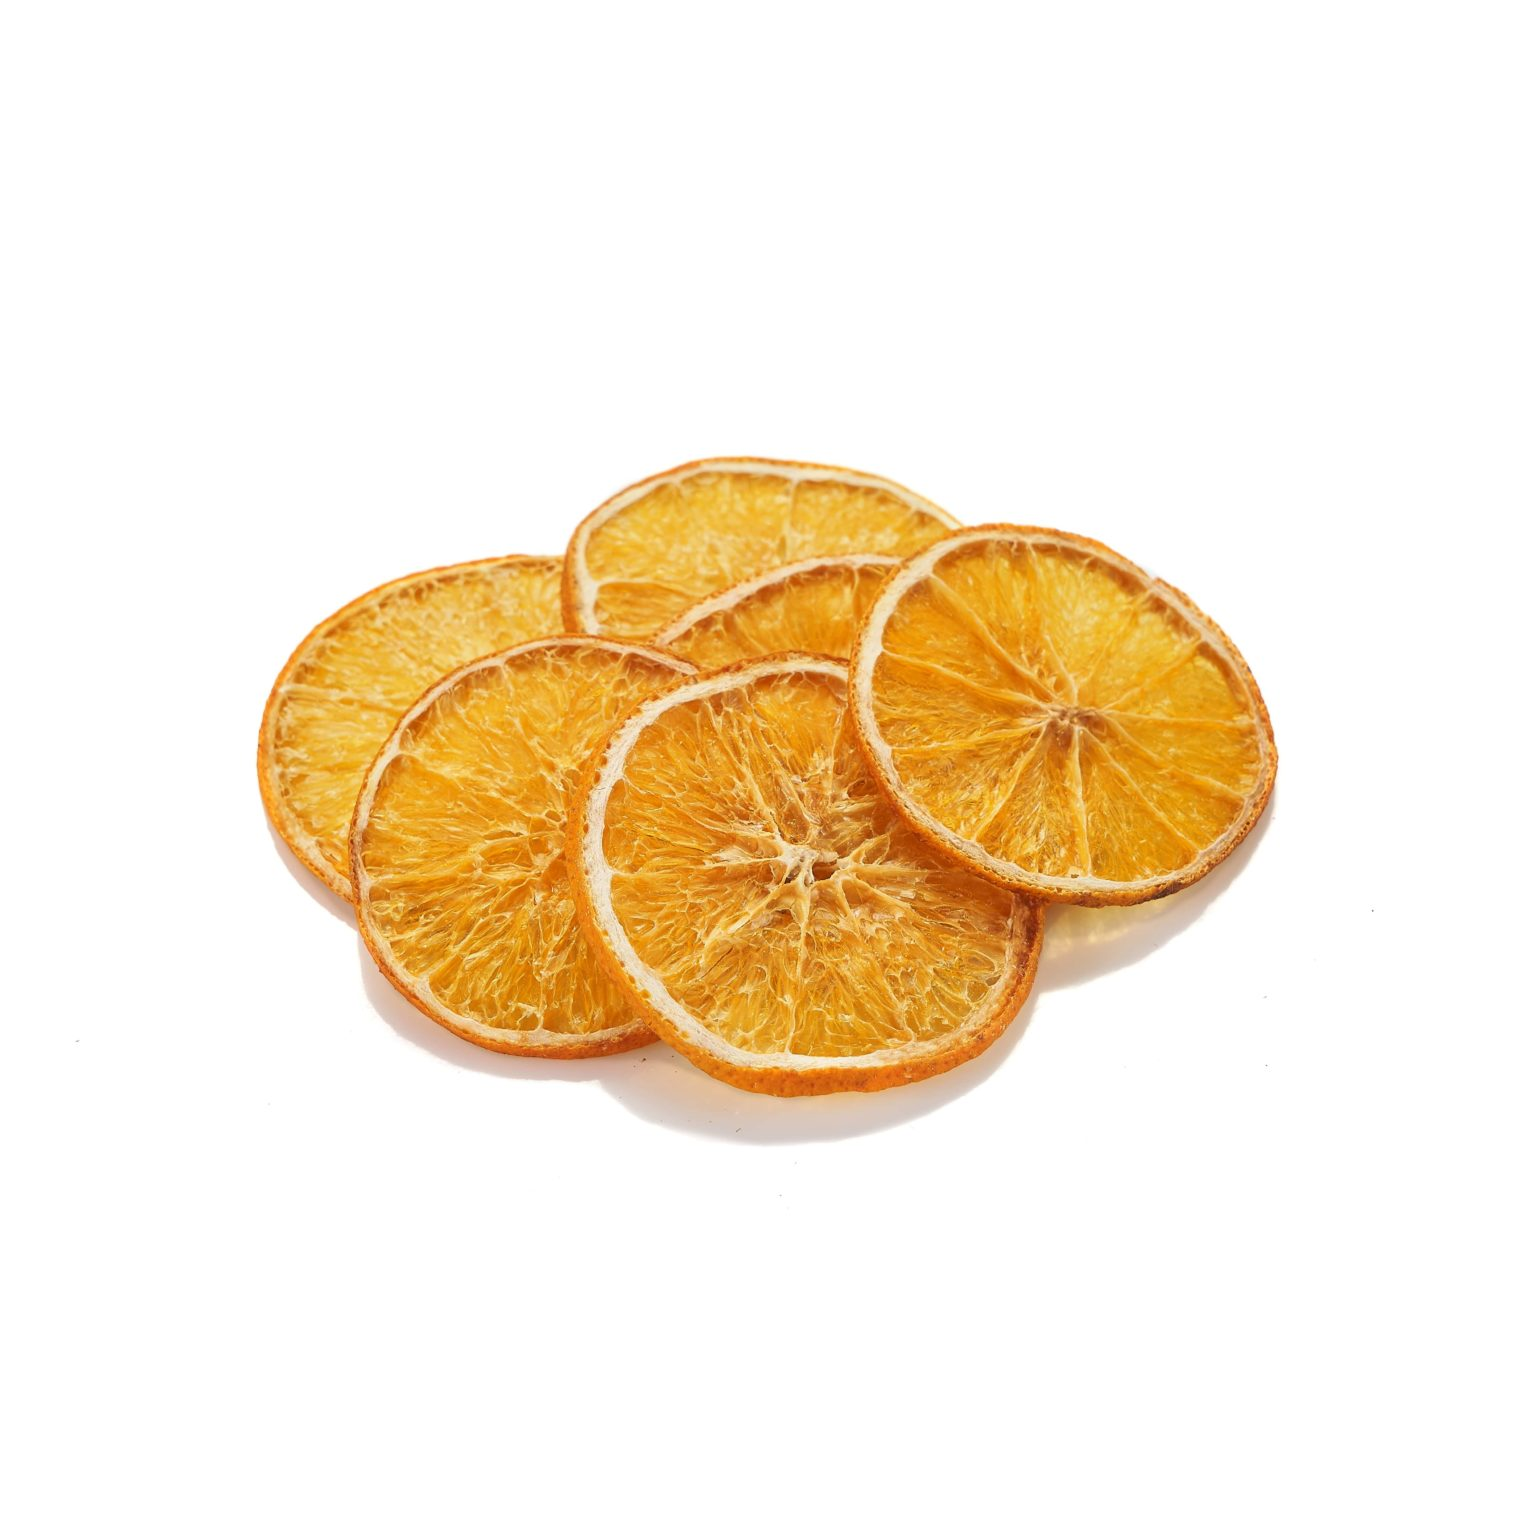 Фруктовые чипсы — Апельсин - фото 2